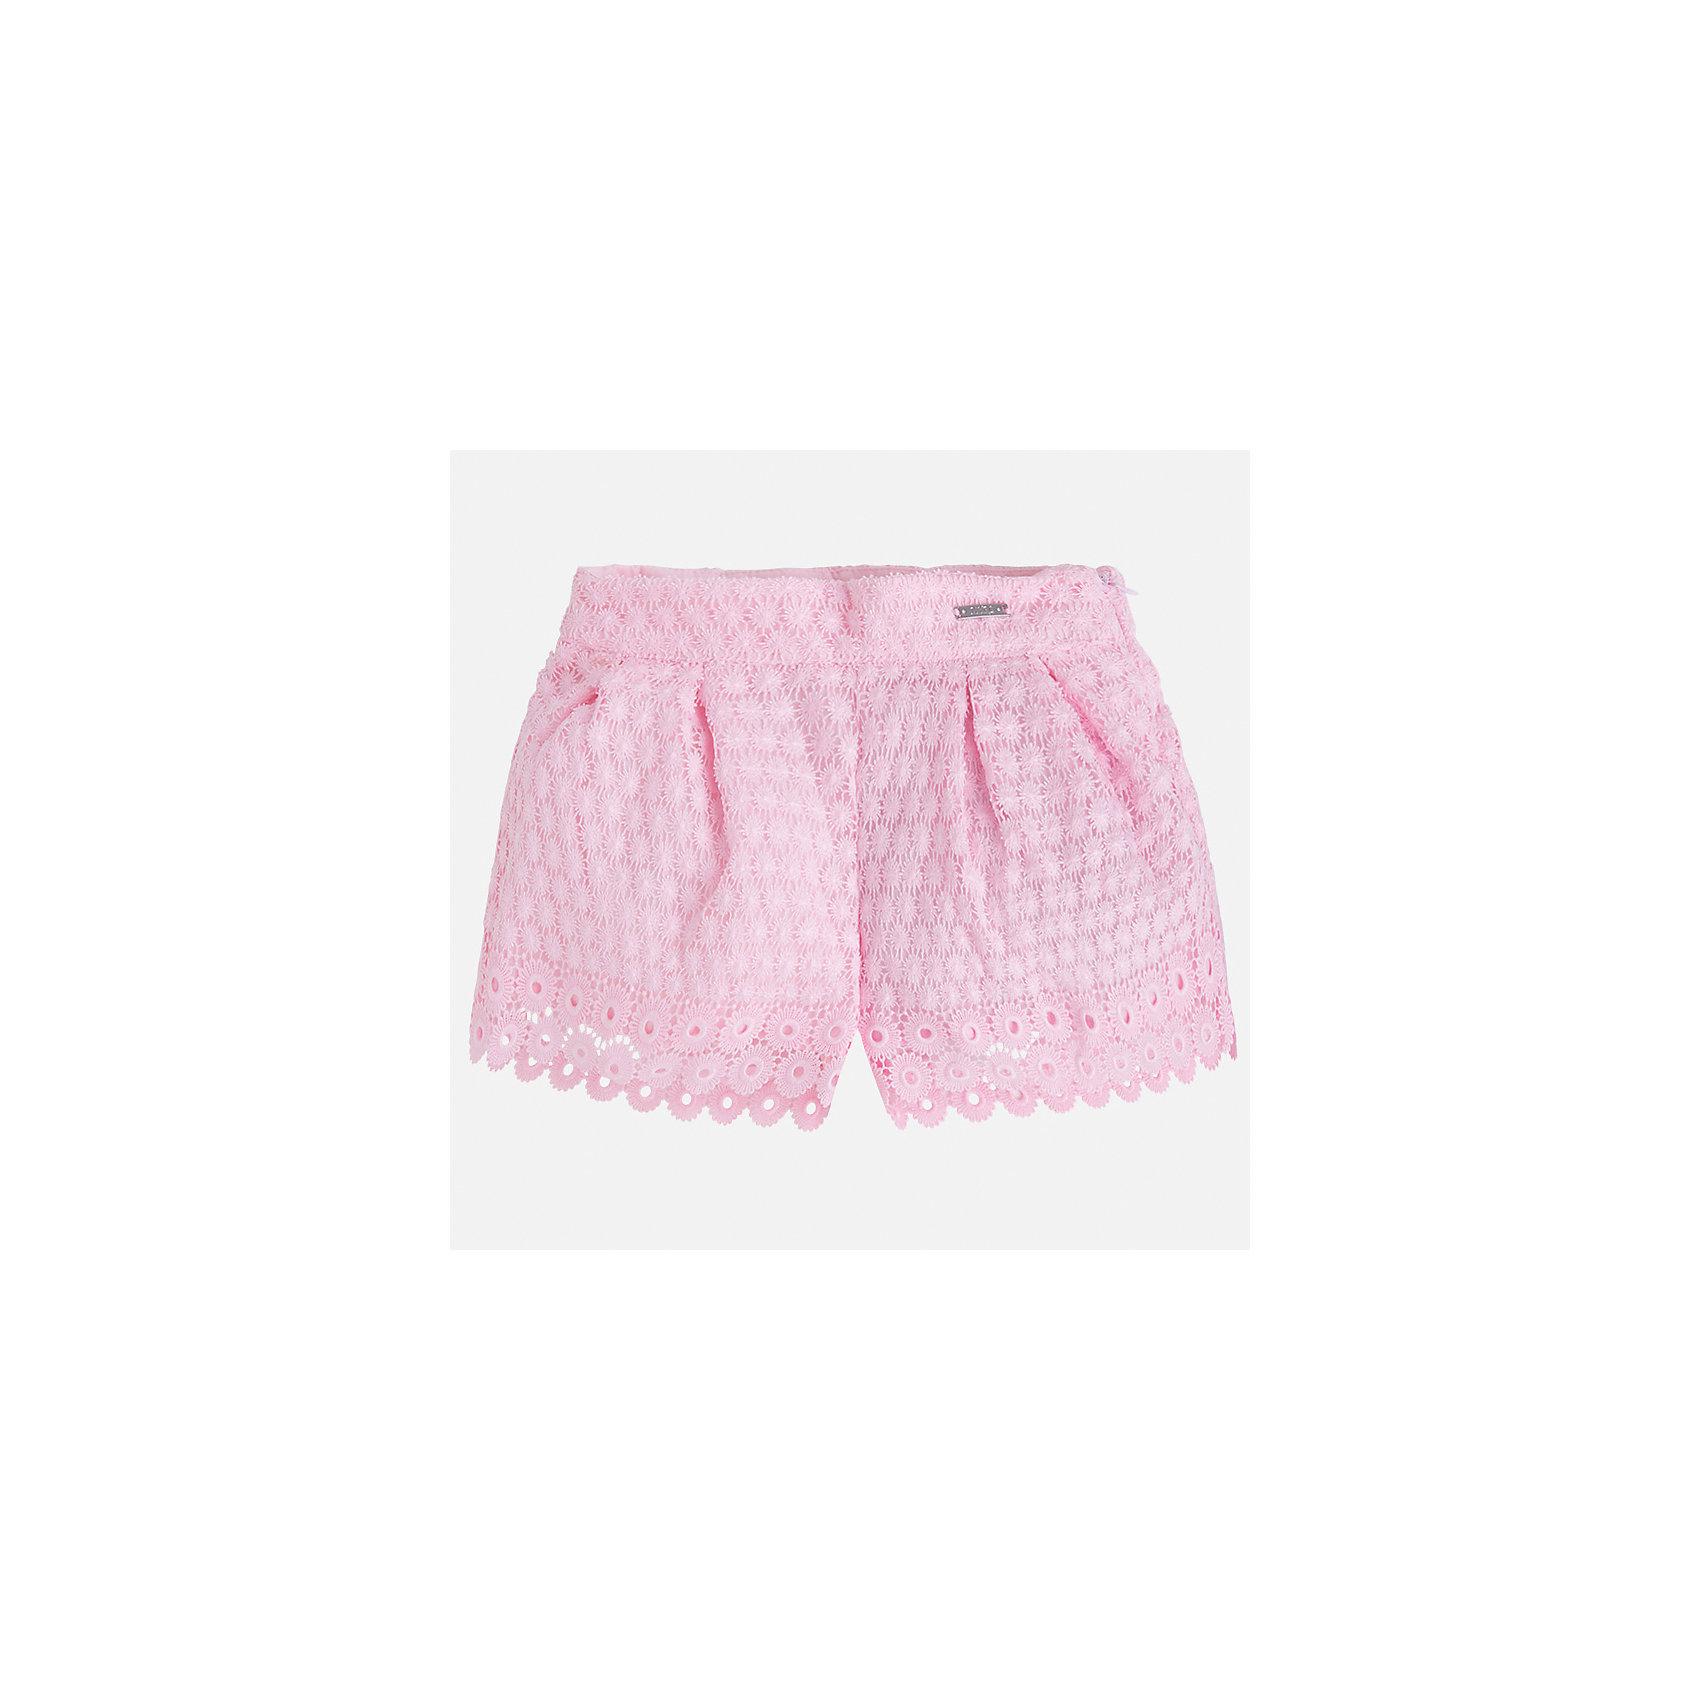 Шорты для девочки MayoralШорты, бриджи, капри<br>Характеристики товара:<br><br>• цвет: розовый<br>• состав: верх - 100% полиэстер, подкладка - 80% полиэстер, 20% хлопок<br>• легкий материал<br>• с подкладкой<br>• пояс на резинке<br>• ажурный верх<br>• страна бренда: Испания<br><br>Модные легкие шорты для девочки смогут разнообразить гардероб ребенка и украсить наряд. Они отлично сочетаются с майками, футболками, блузками. Красивый оттенок позволяет подобрать к вещи верх разных расцветок. Интересный крой модели делает её нарядной и оригинальной. <br>Одежда, обувь и аксессуары от испанского бренда Mayoral полюбились детям и взрослым по всему миру. Модели этой марки - стильные и удобные. Для их производства используются только безопасные, качественные материалы и фурнитура. Порадуйте ребенка модными и красивыми вещами от Mayoral! <br><br>Шорты для девочки от испанского бренда Mayoral (Майорал) можно купить в нашем интернет-магазине.<br><br>Ширина мм: 191<br>Глубина мм: 10<br>Высота мм: 175<br>Вес г: 273<br>Цвет: розовый<br>Возраст от месяцев: 96<br>Возраст до месяцев: 108<br>Пол: Женский<br>Возраст: Детский<br>Размер: 134,98,104,110,116,122,128<br>SKU: 5289683